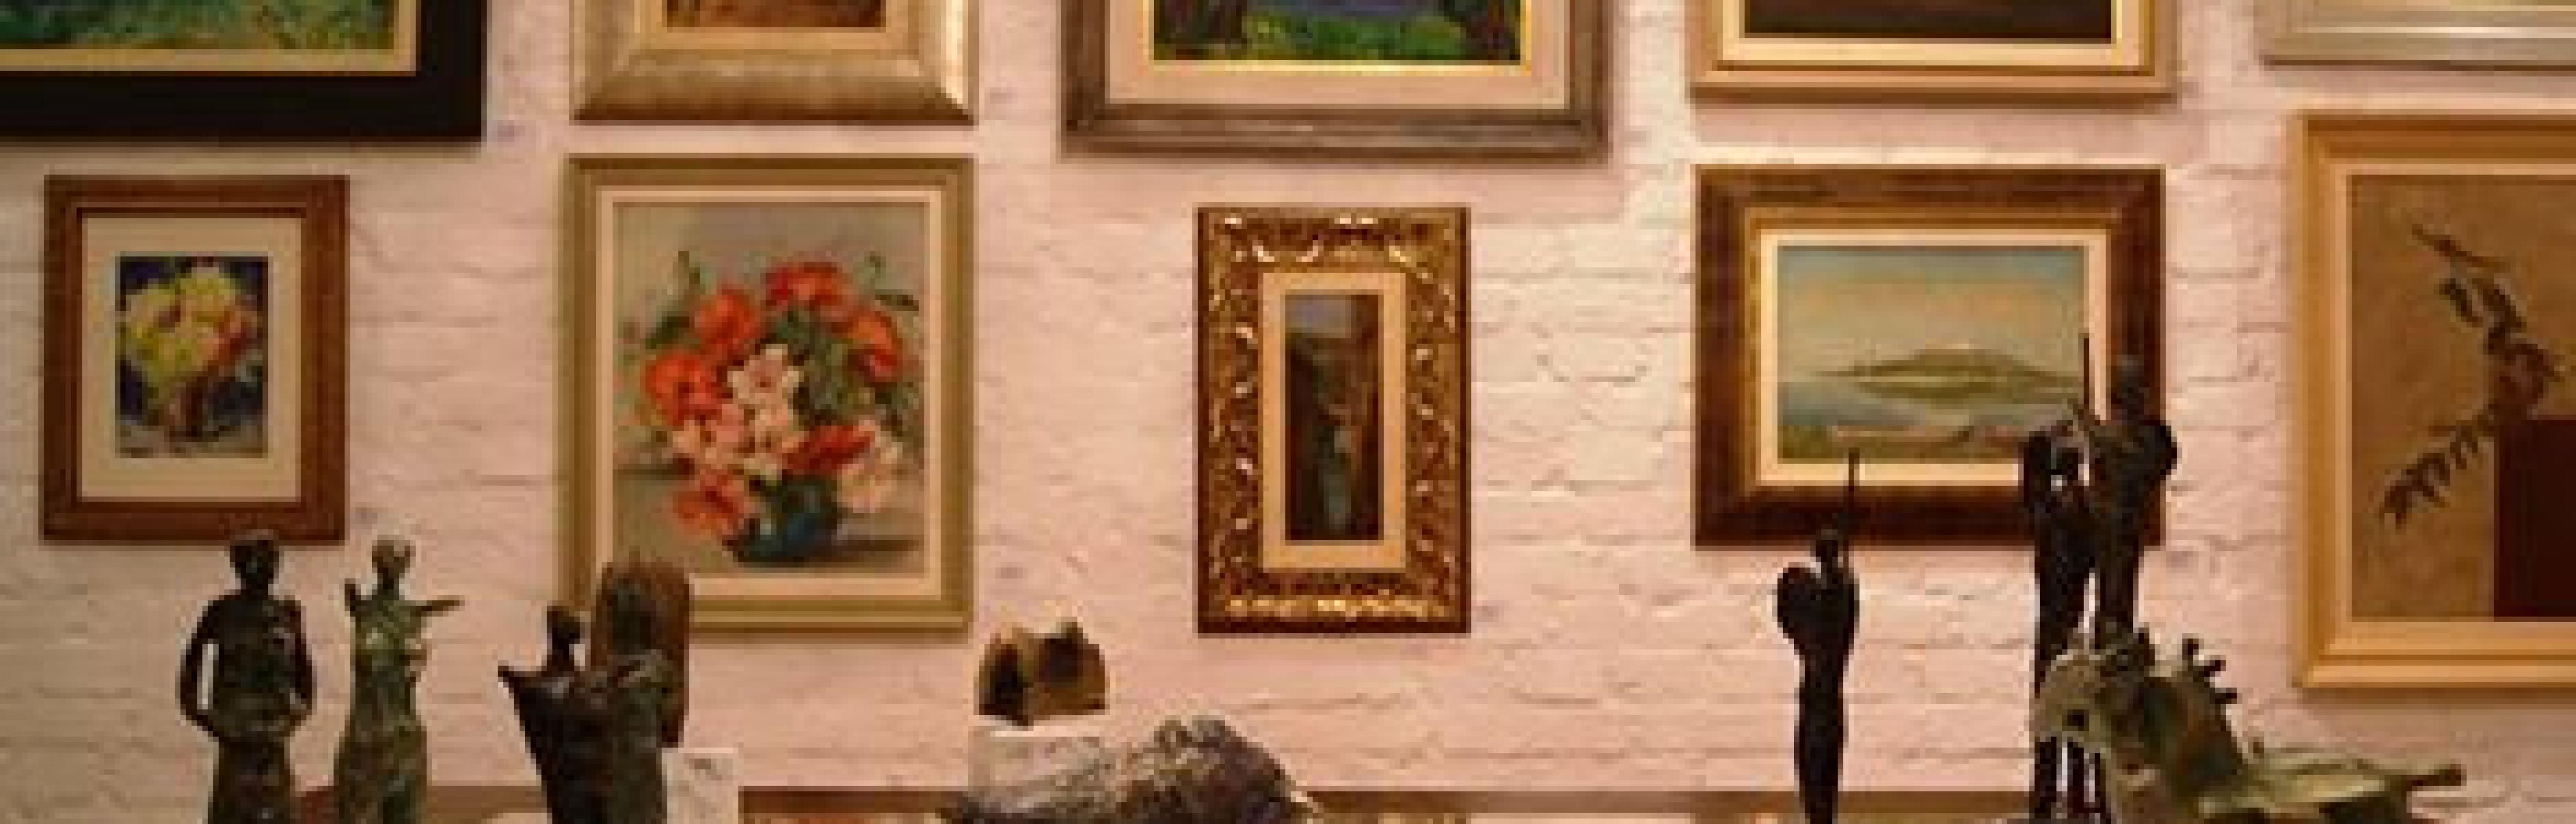 Galeria Duque